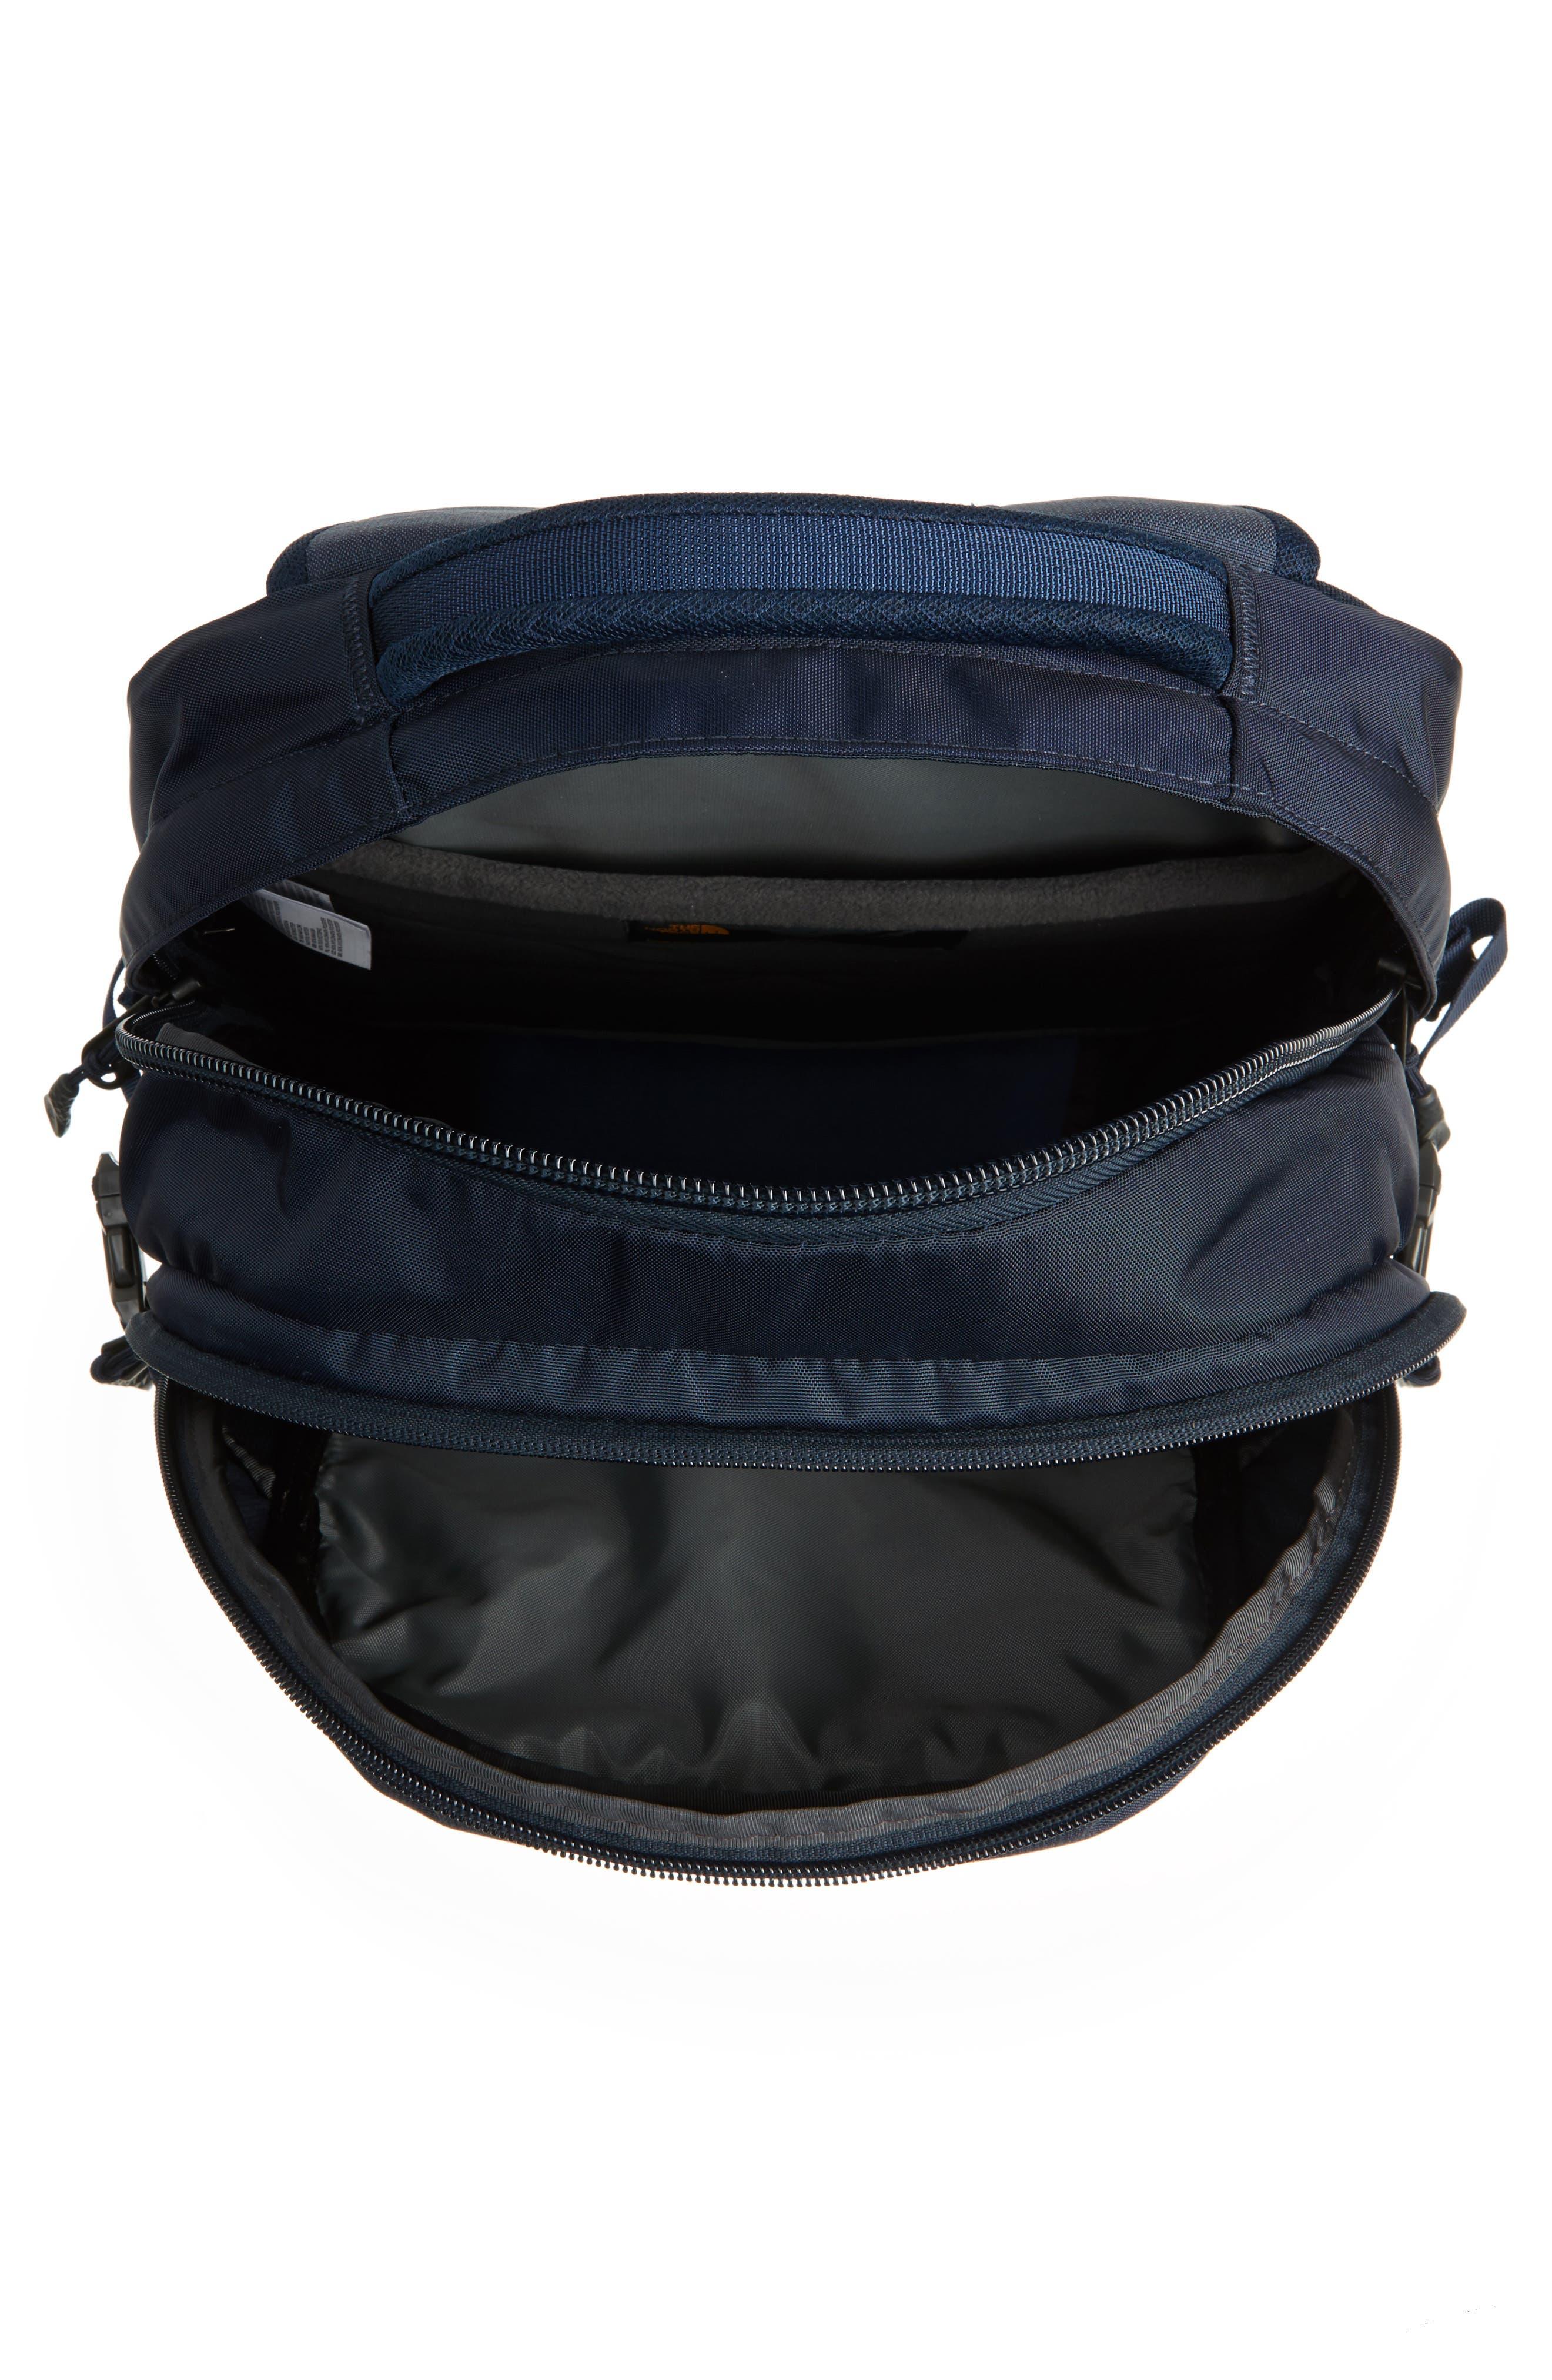 Borealis Backpack,                             Alternate thumbnail 16, color,